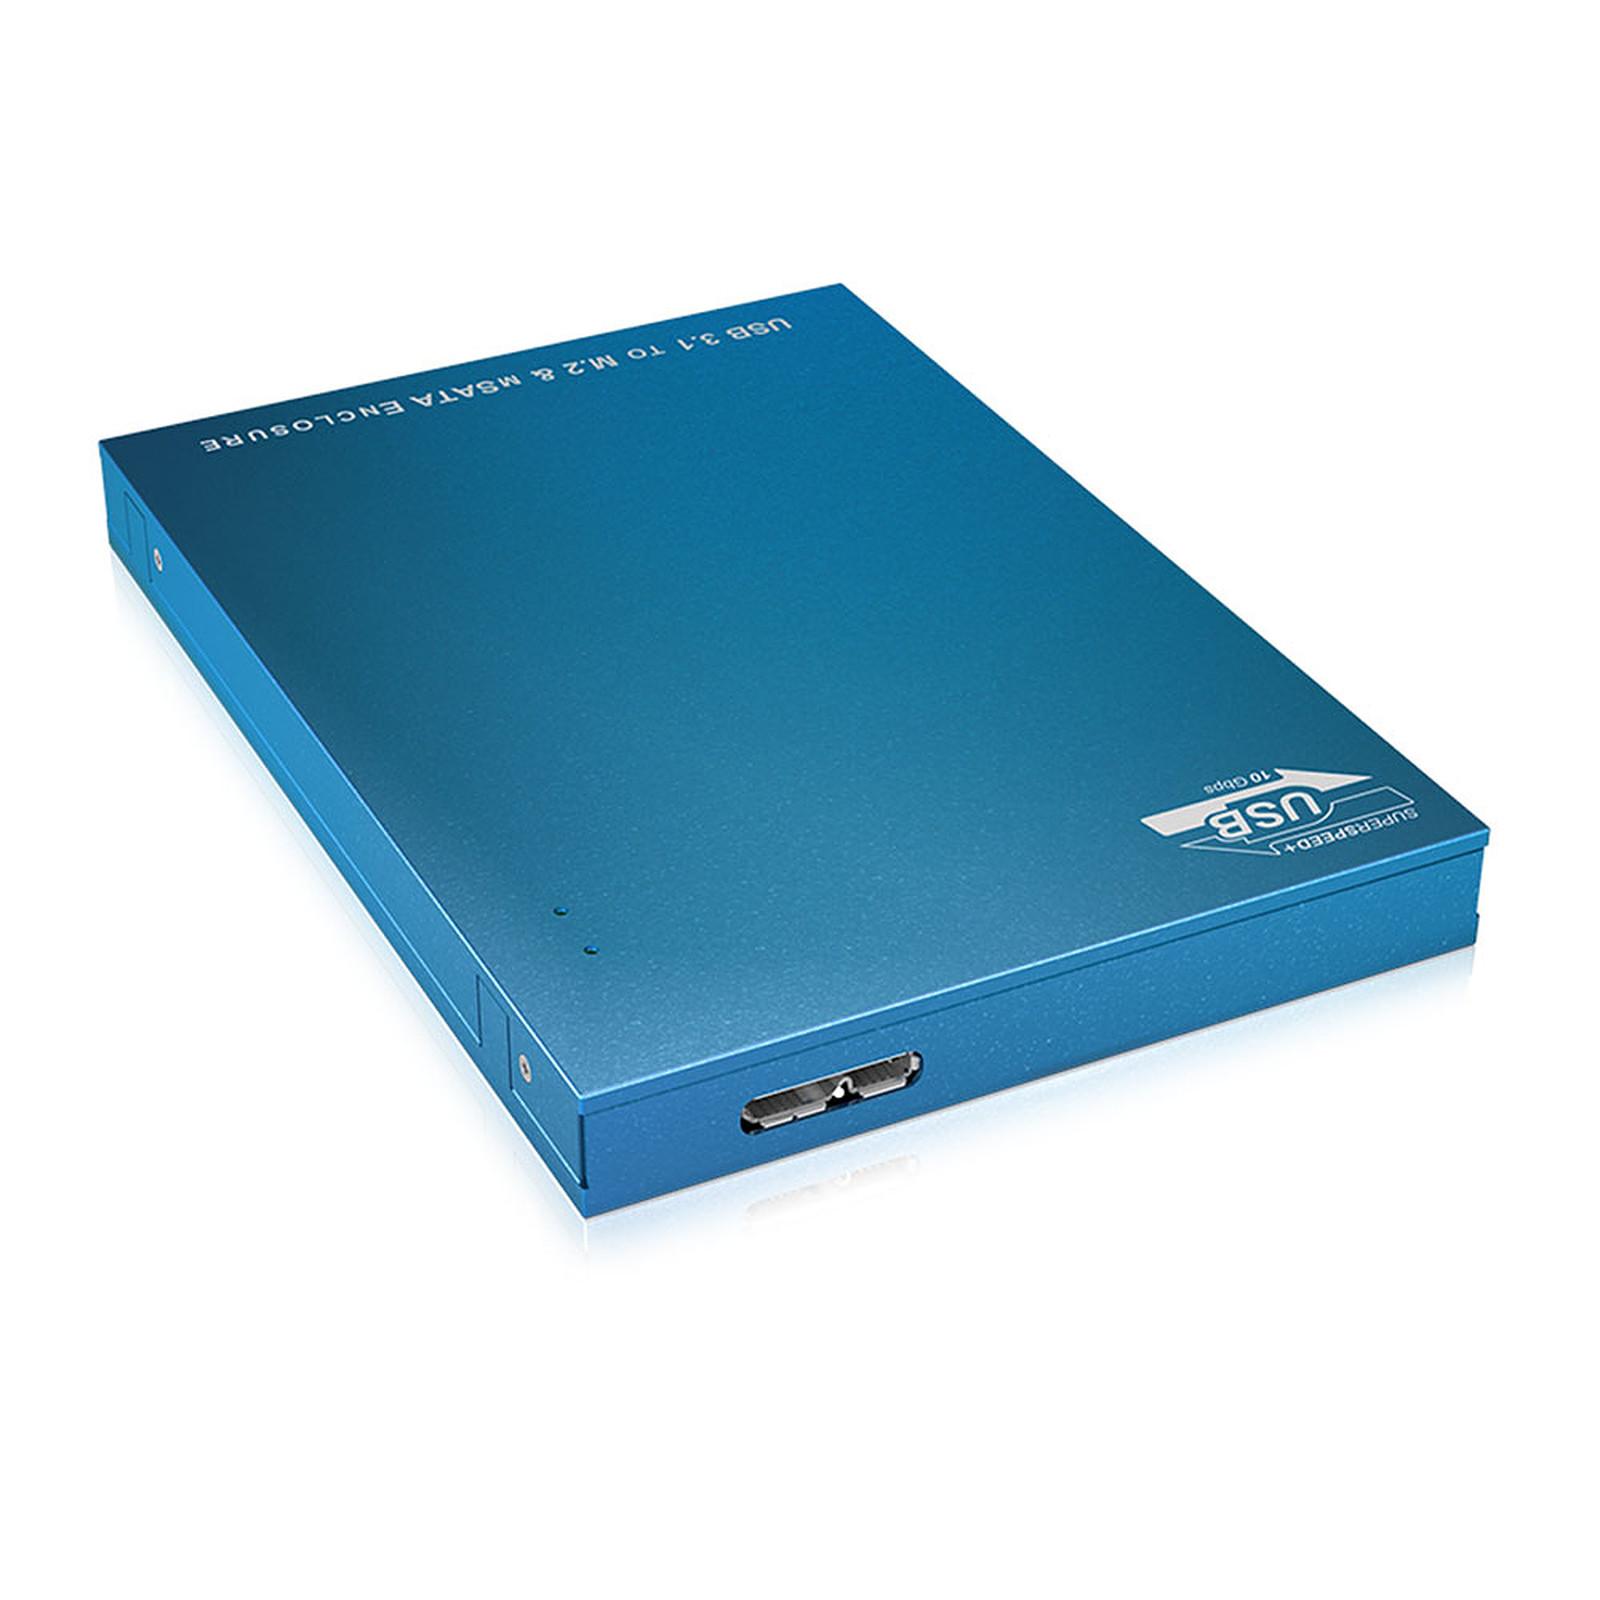 ICY BOX IB-187